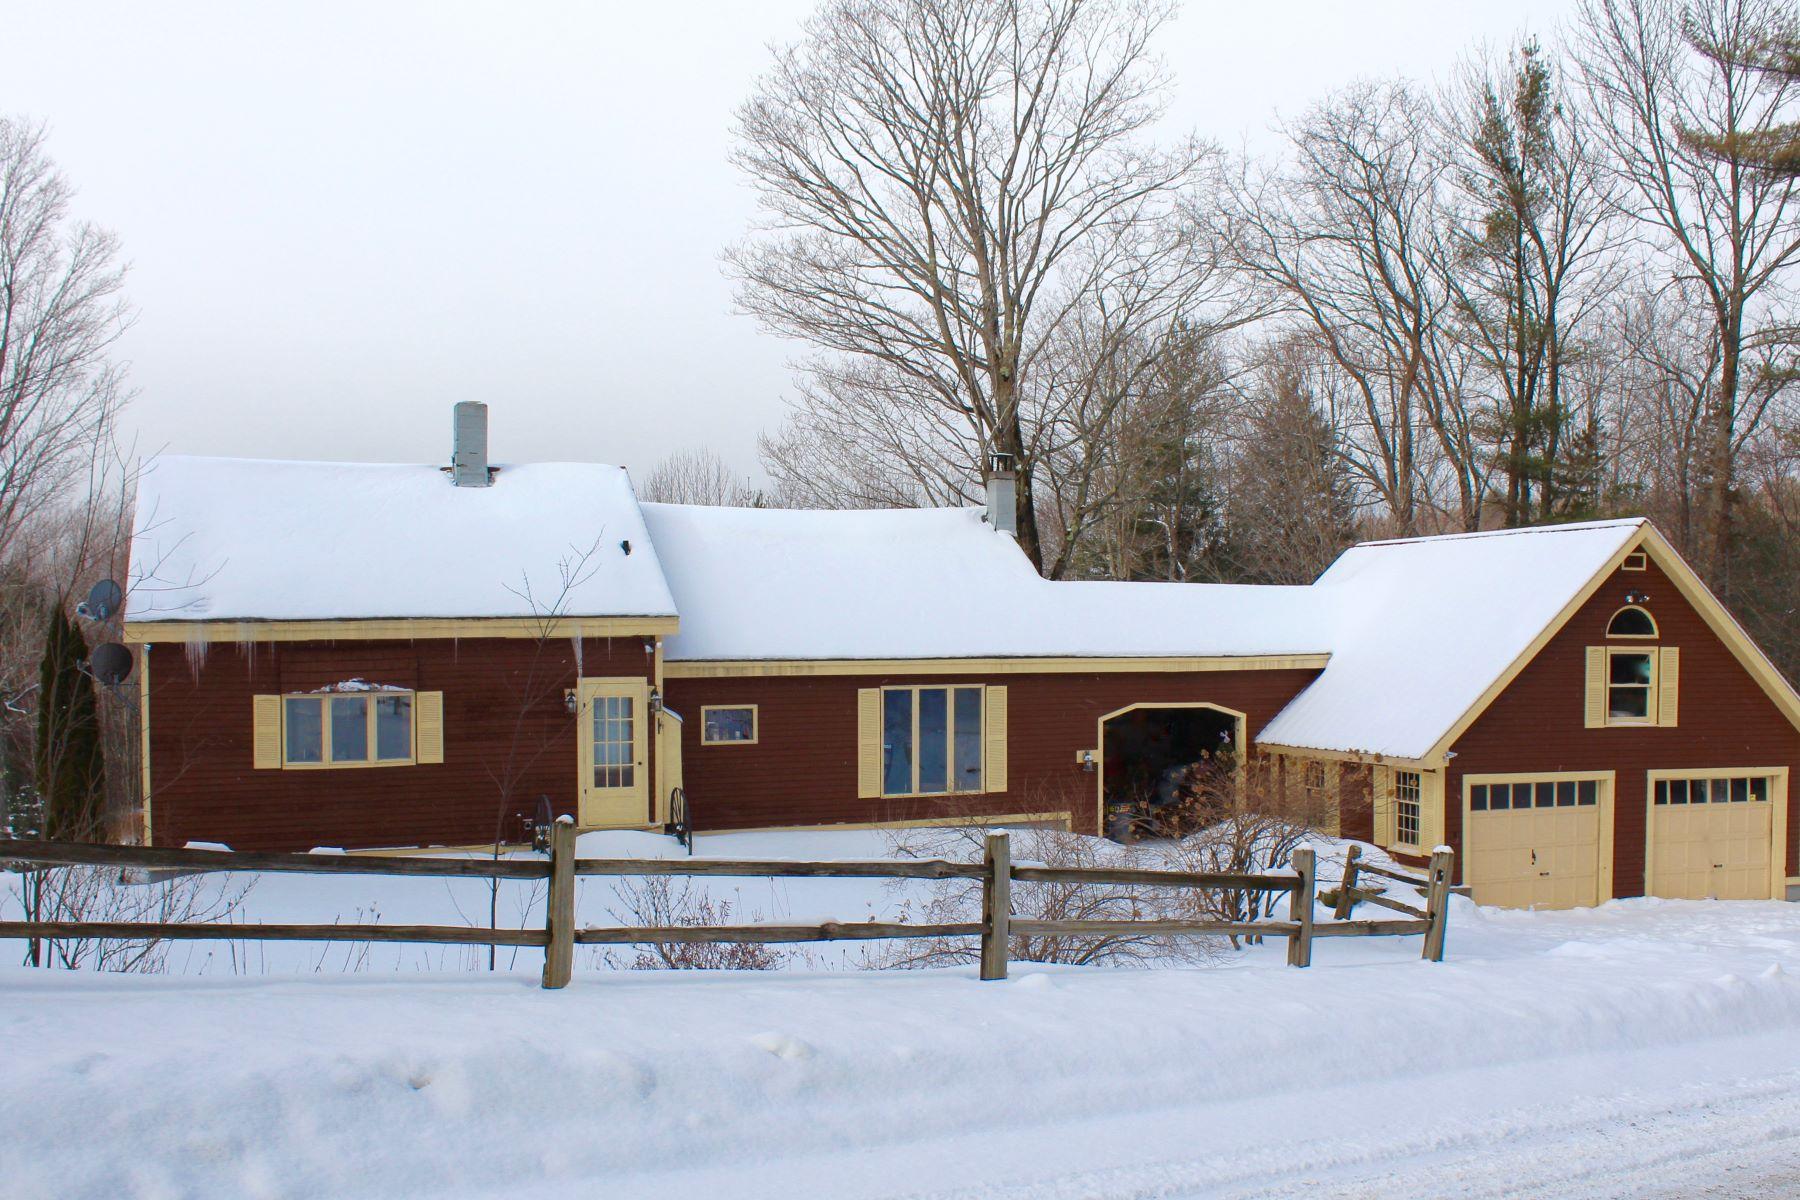 Maison unifamiliale pour l Vente à 1251 Tiffany, Mount Holly Mount Holly, Vermont, 05758 États-Unis